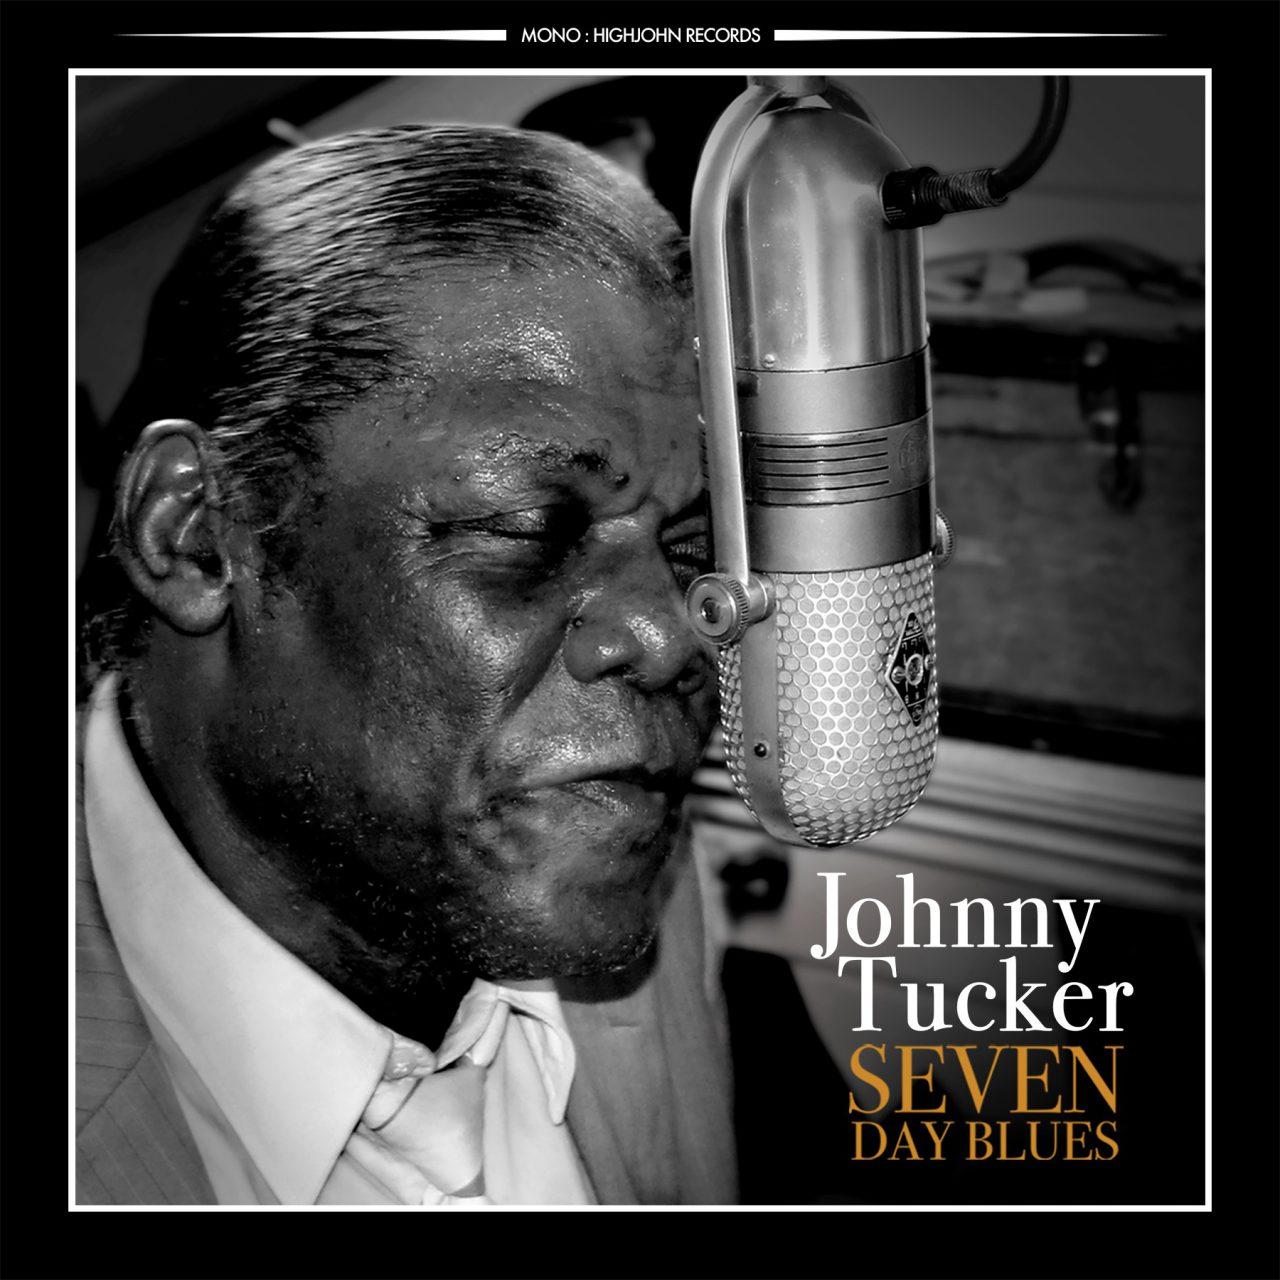 Johnny Tucker – Seven Day Blues